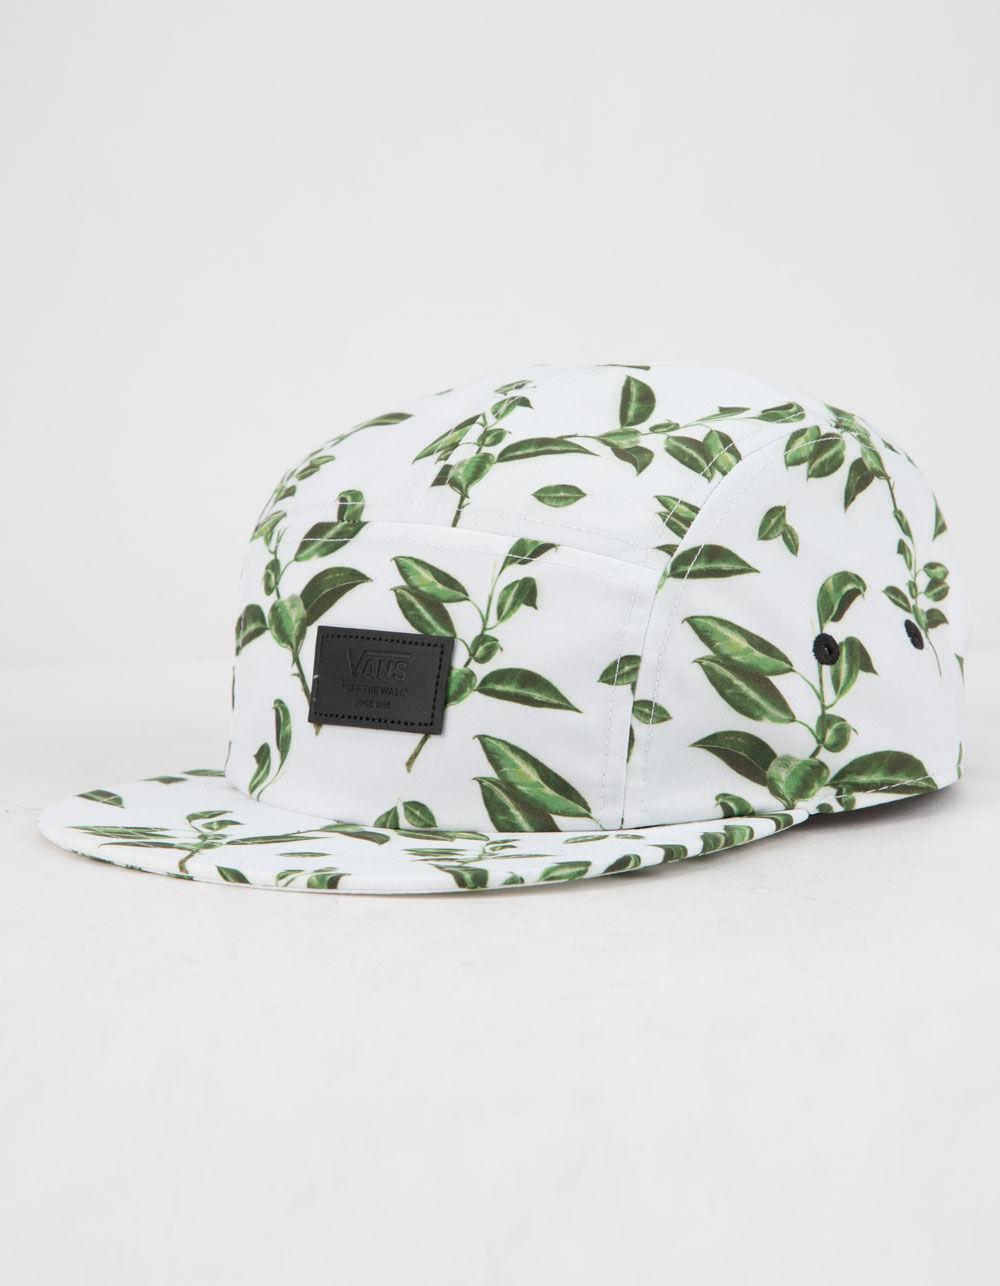 Lyst - Vans Davis 5-panel Rubber Co. Floral Mens Camper Hat in Green ... 9765cdd1c